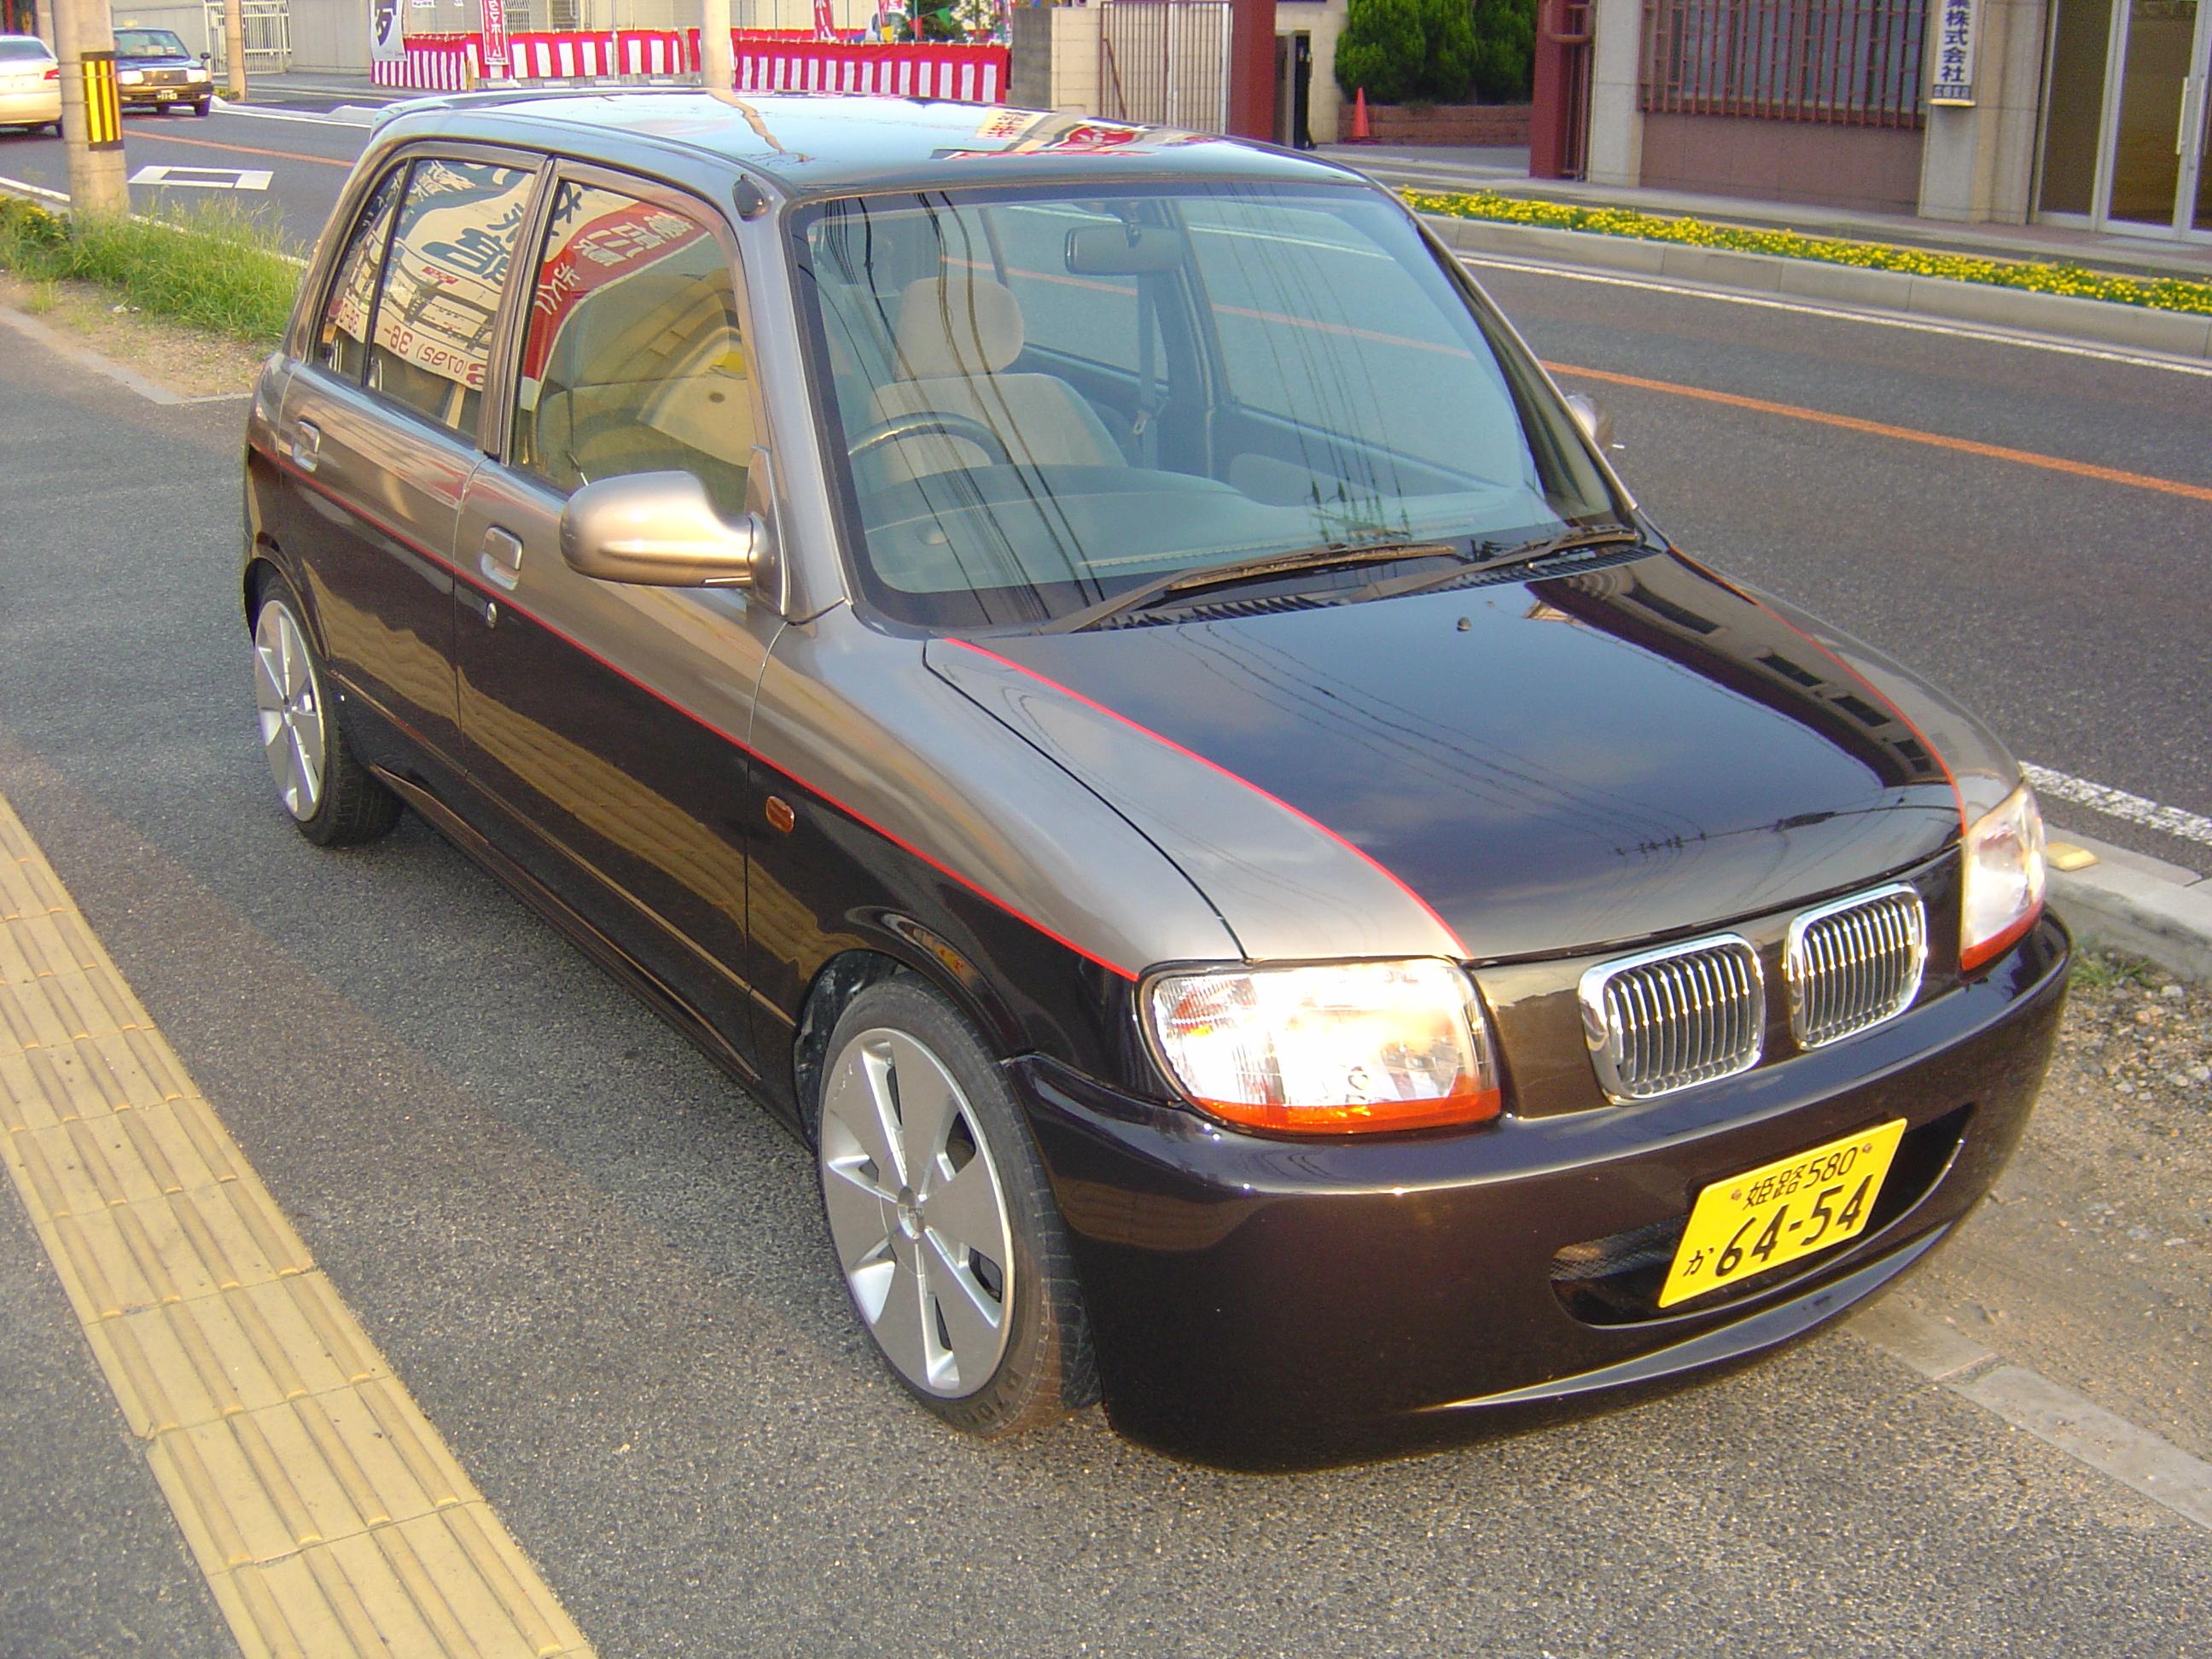 お客様 愛車 写真 中古車、自動車パーツ、ドレスアップのことなら姫路EST(イーエスティー)へ